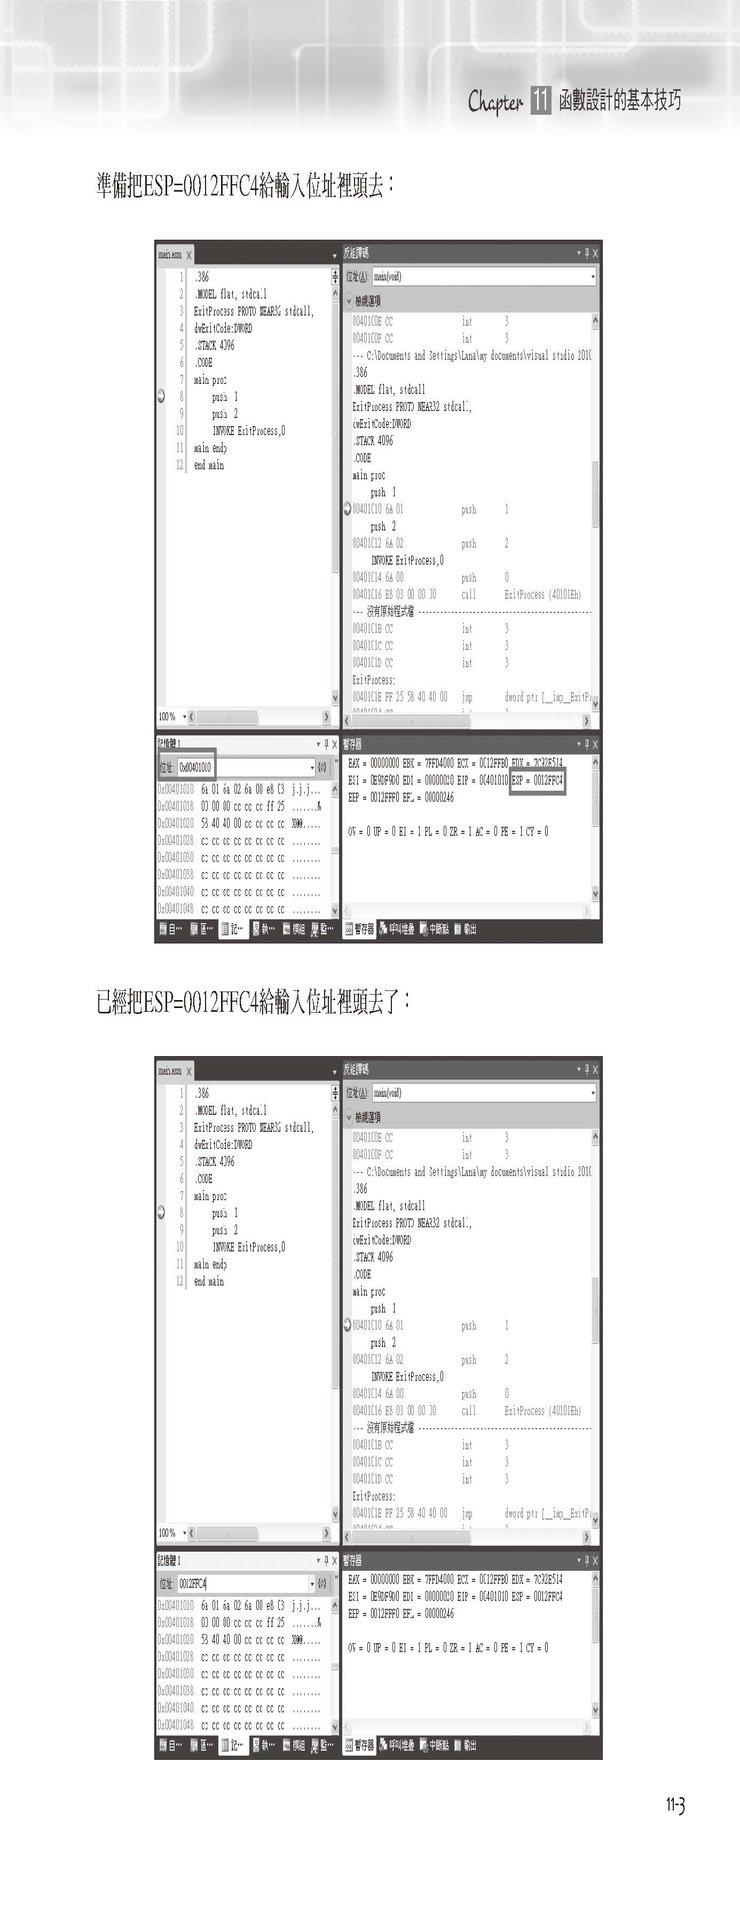 通往高級駭客的修行之路-組合語言心法修行與反逆向工程的初階入門-preview-8